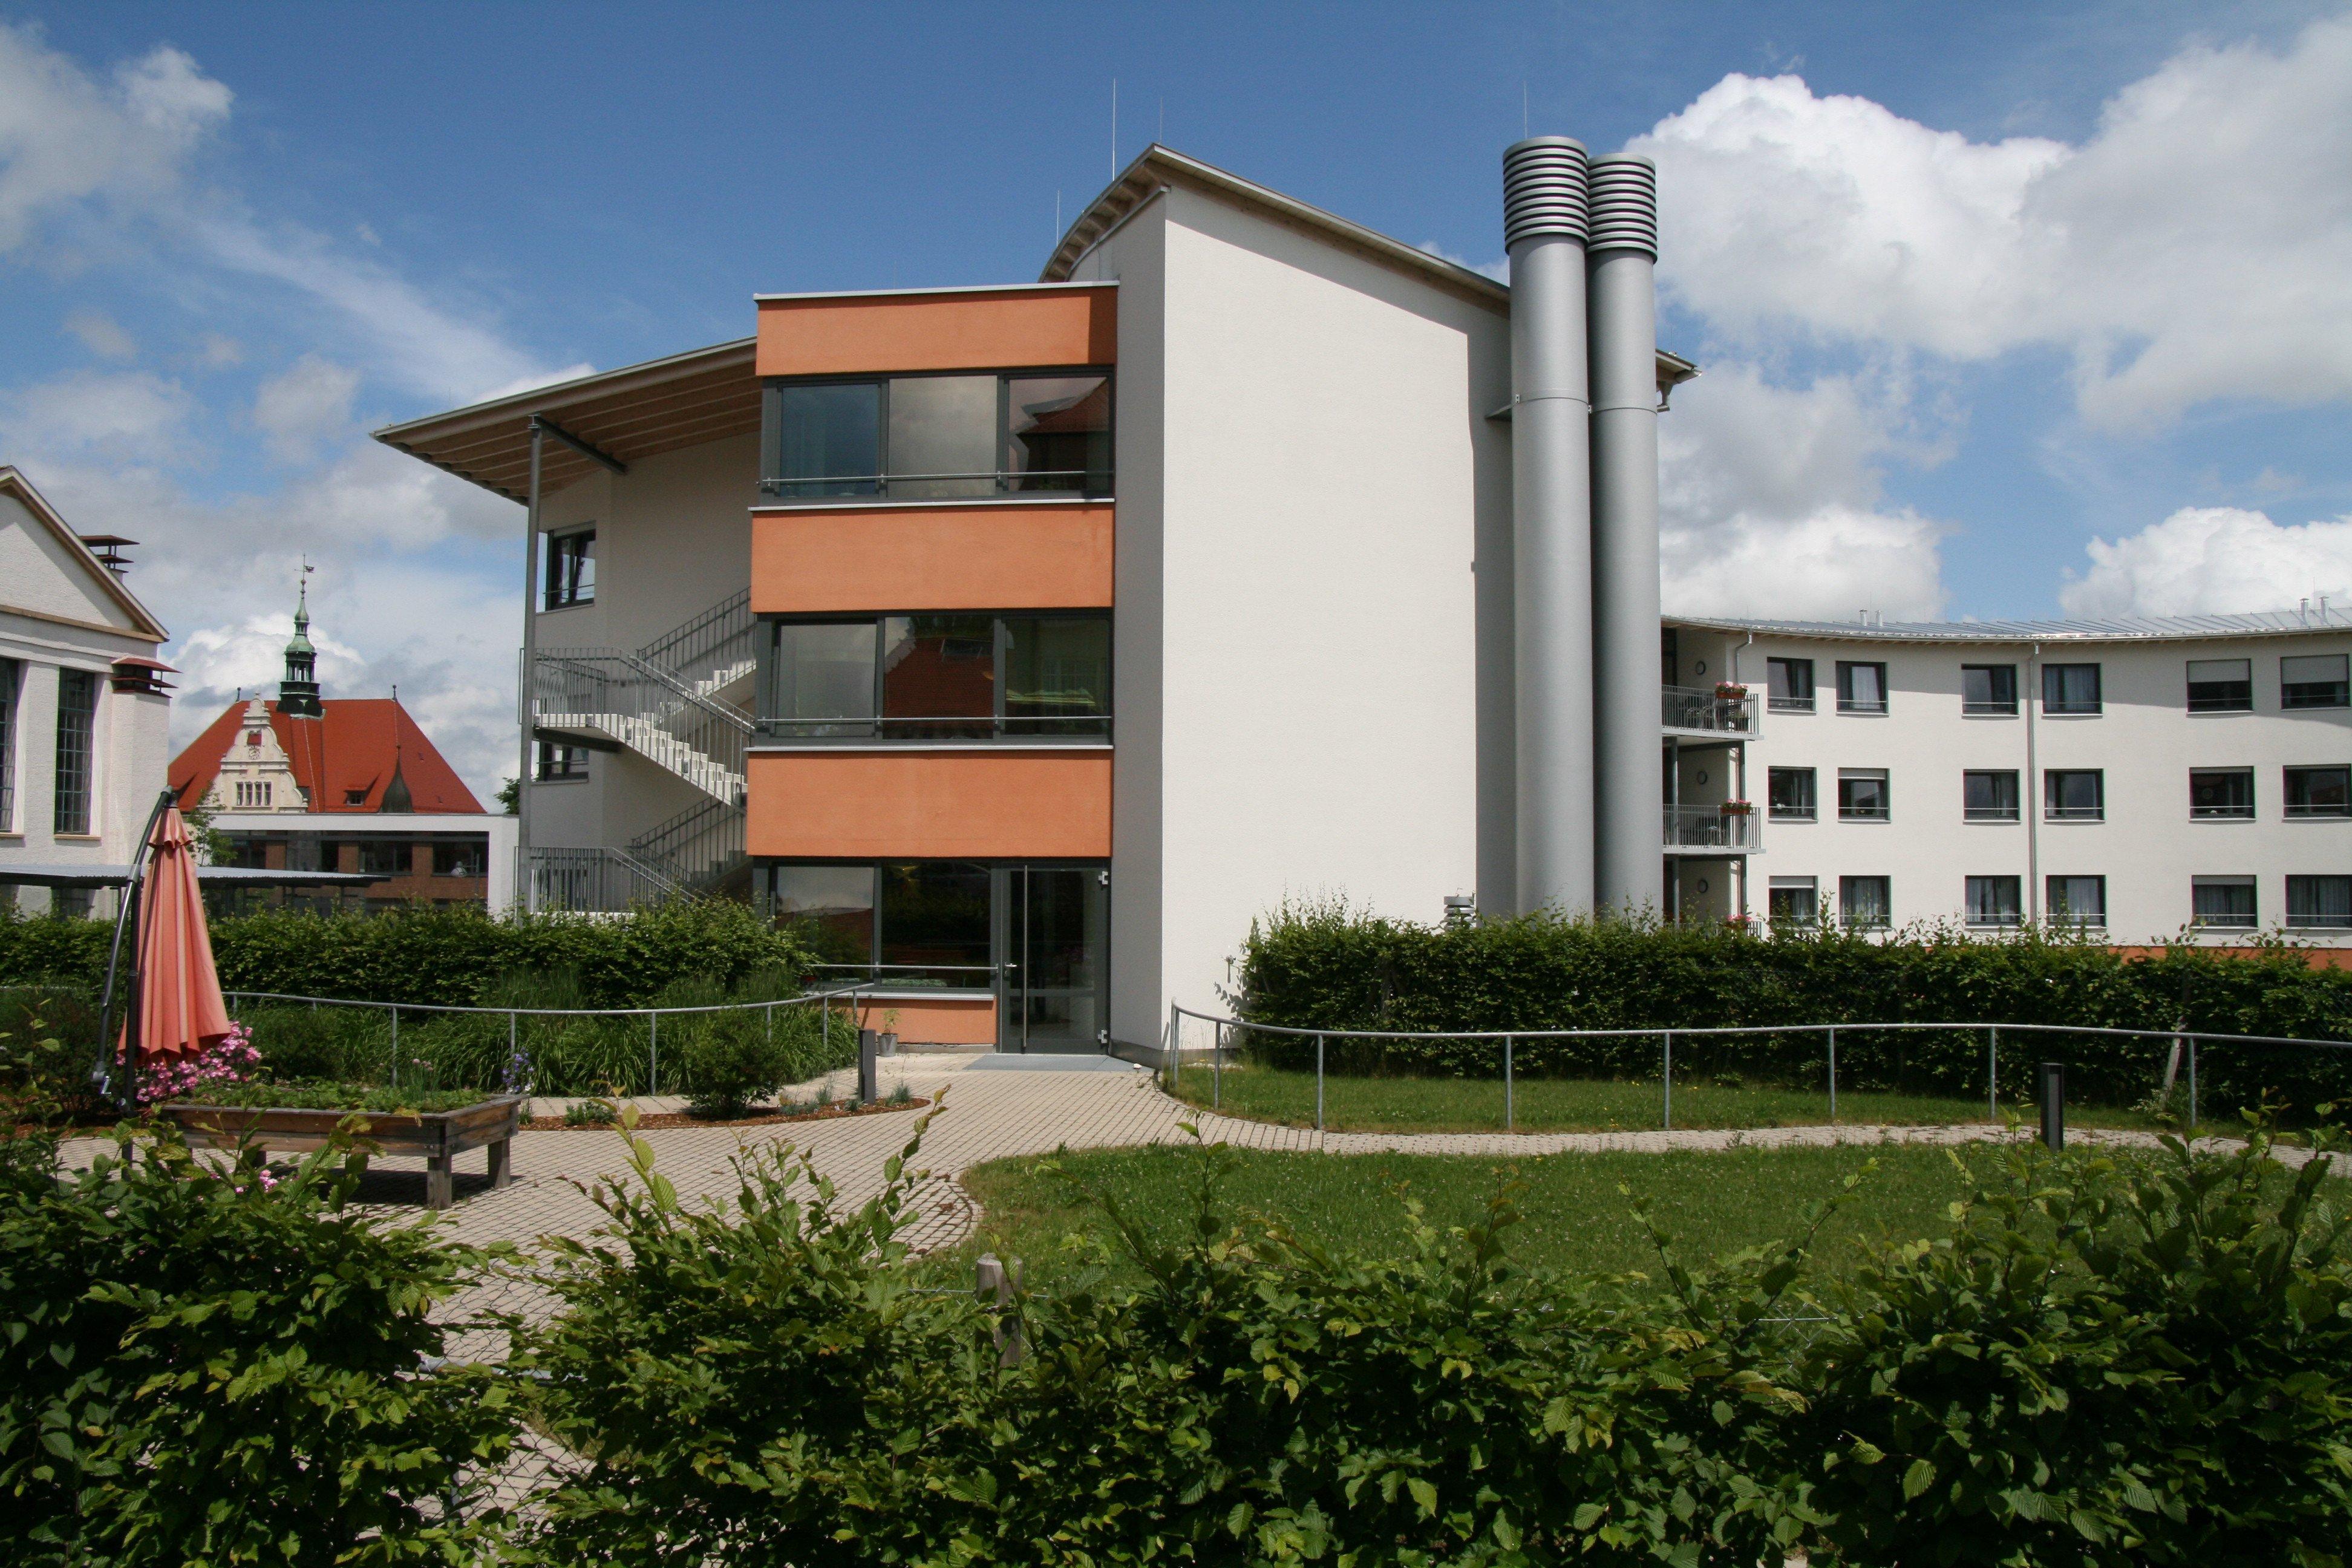 Altenzentrum Dr.-Karl-Hohner-Heim